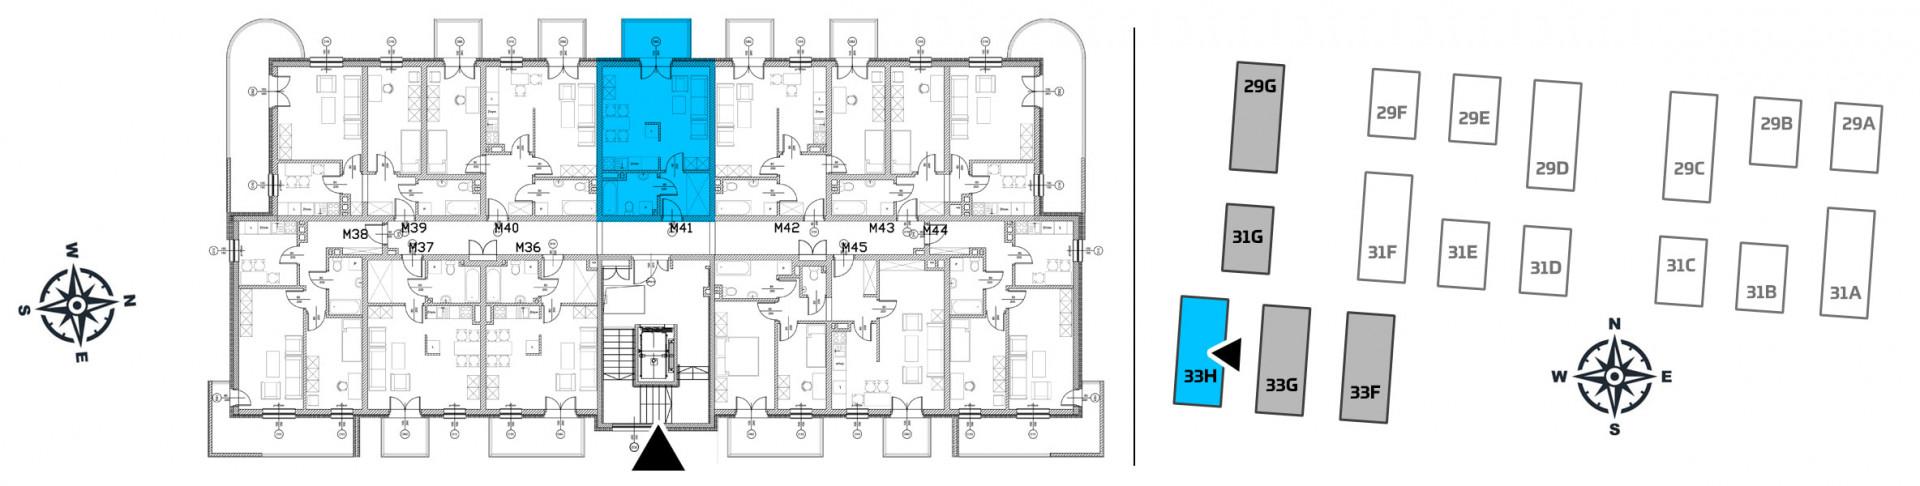 Mieszkanie jednopokojowe 33H/41 rzut 2